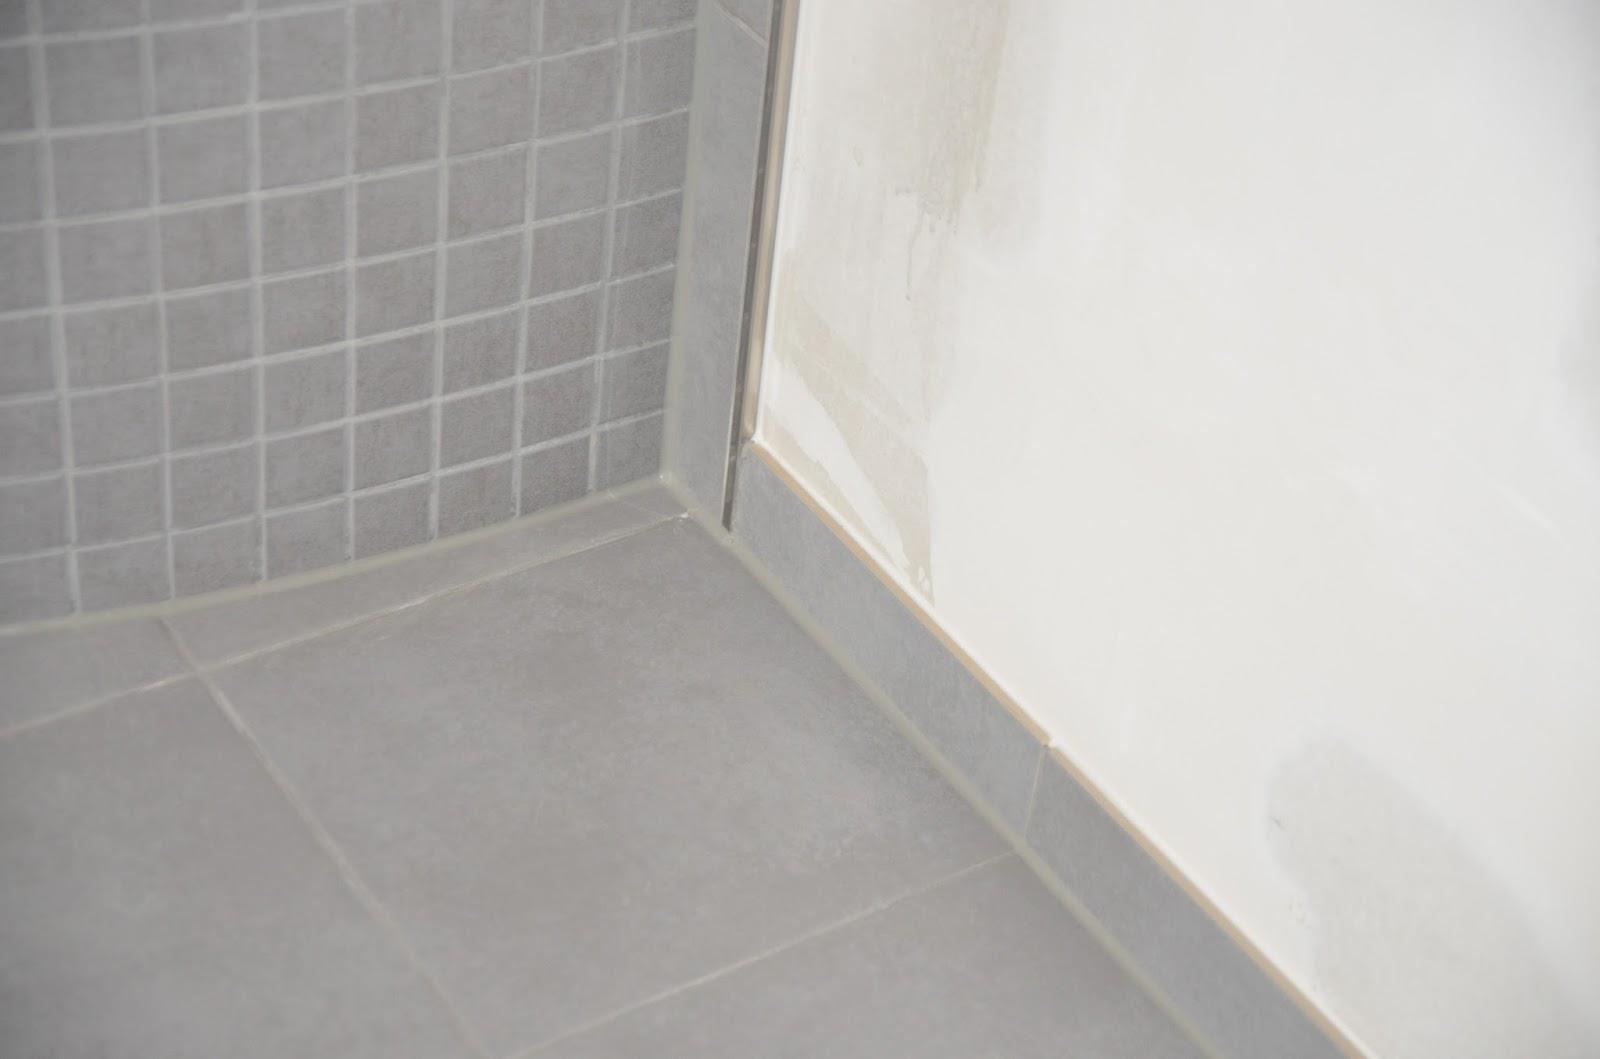 unser okal haus fliesen im badezimmer teil 3. Black Bedroom Furniture Sets. Home Design Ideas